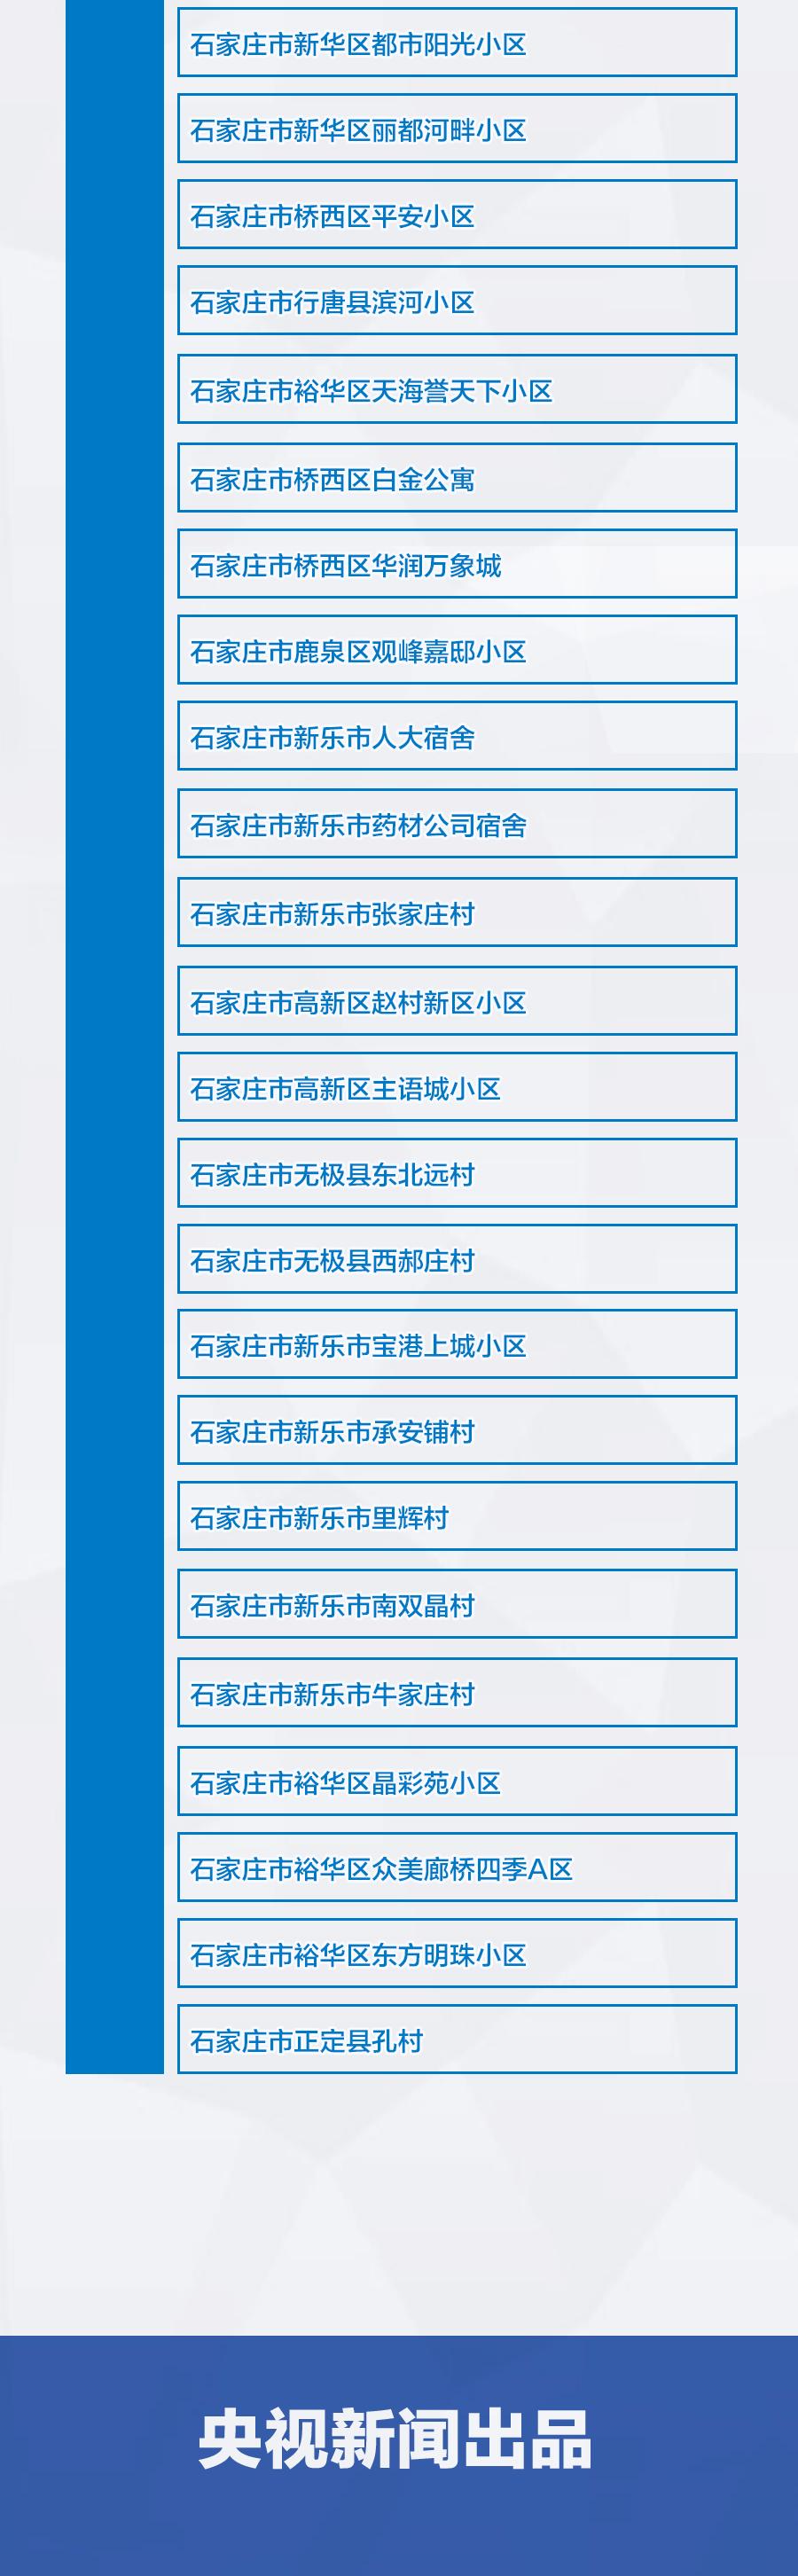 1月11日深圳新增1例境外输入无症状感染者,来自日本